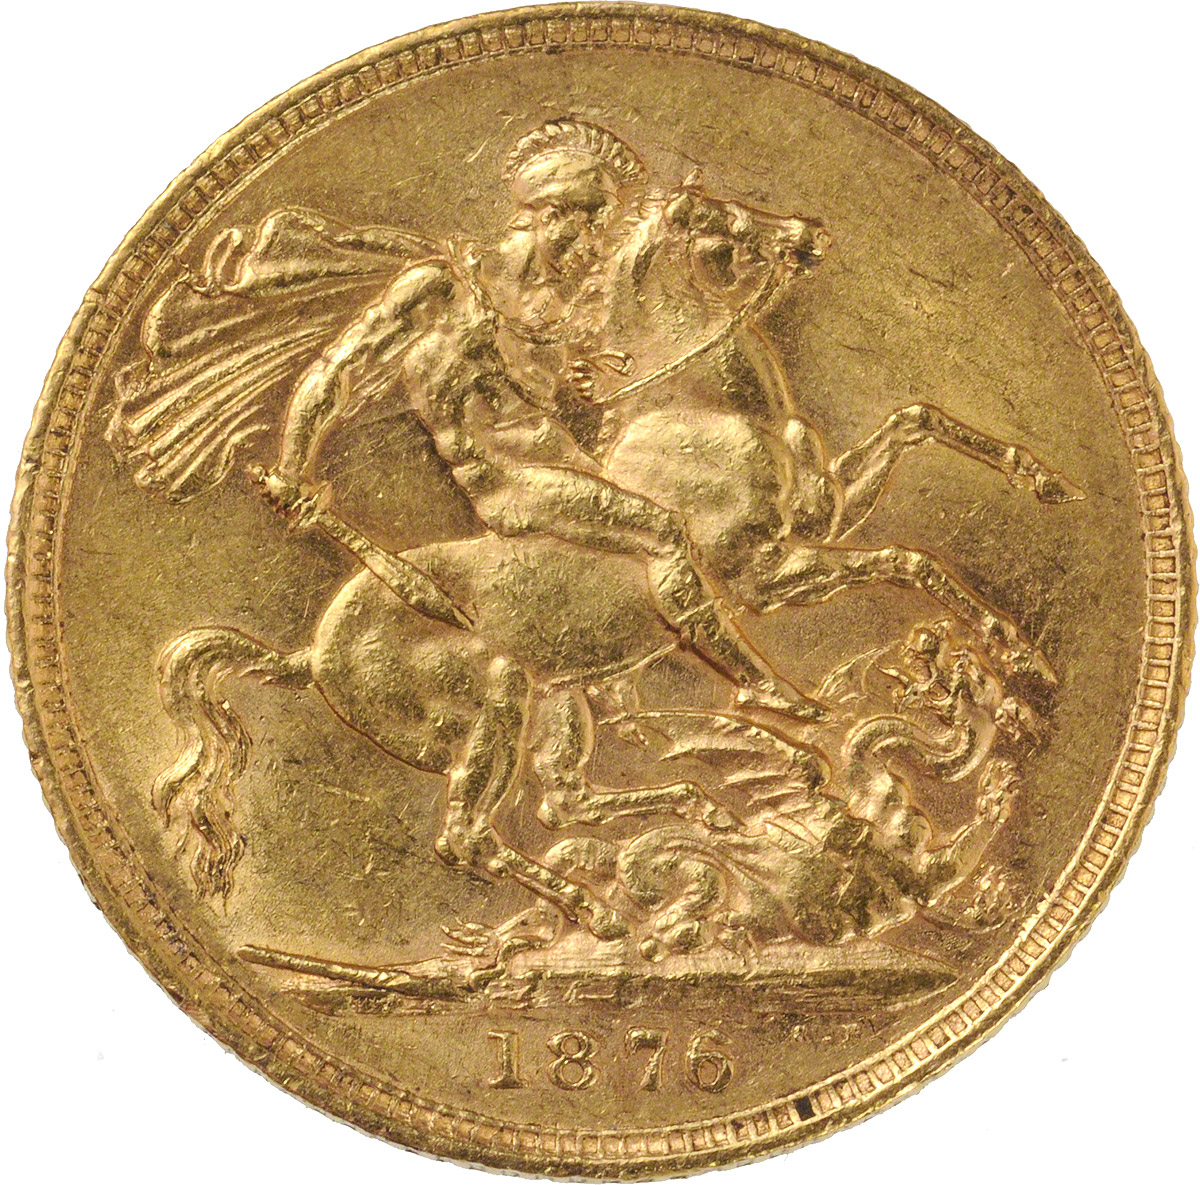 1876 Βικτώρια (Νομισματοκοπείο Λονδίνου)